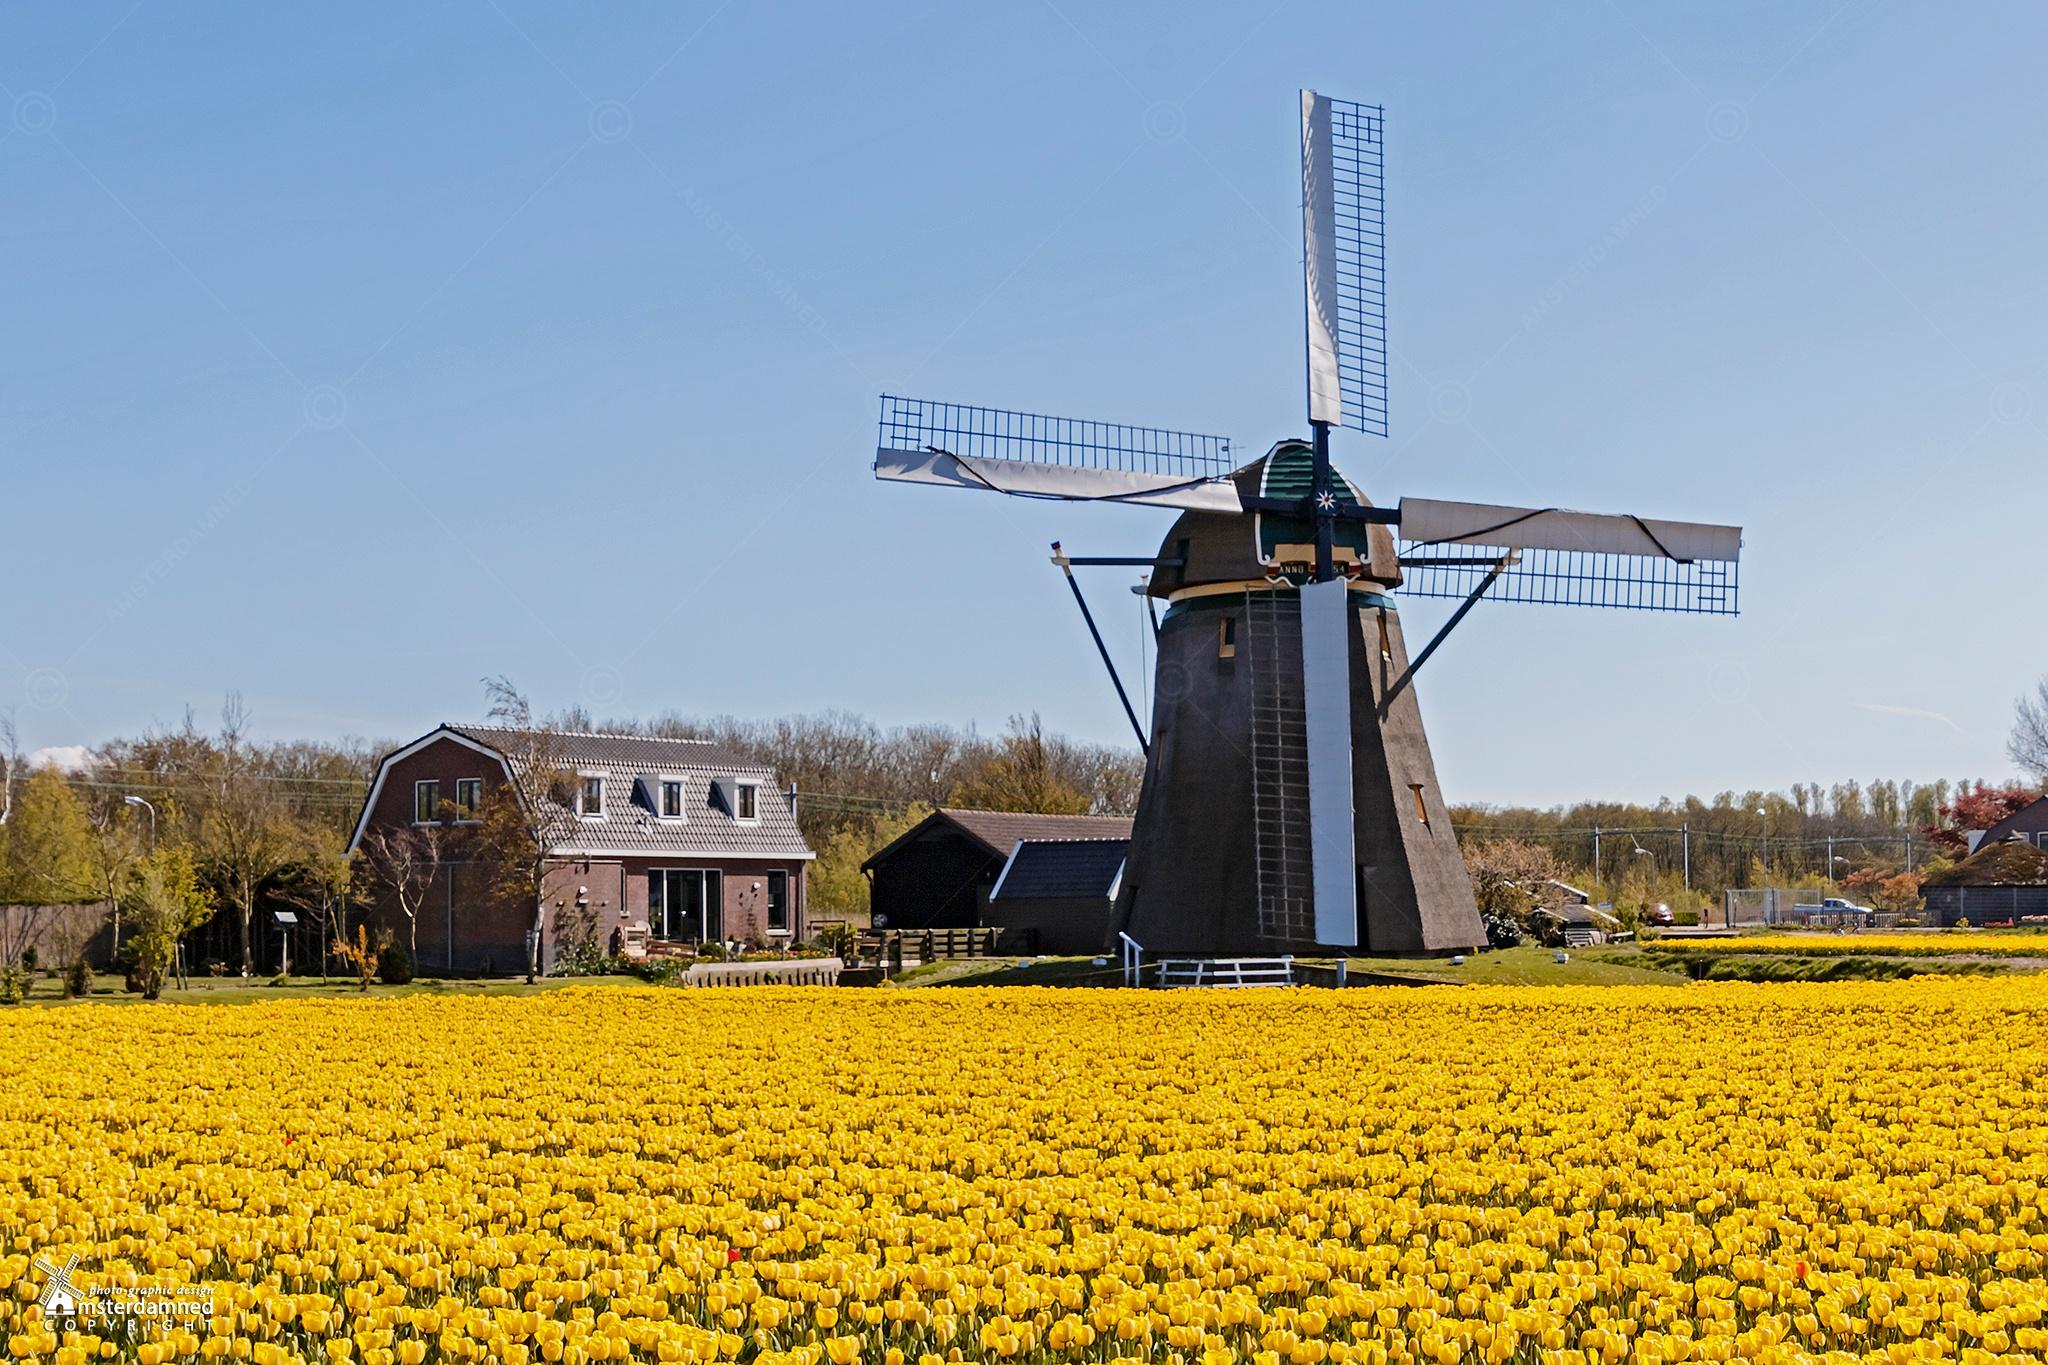 Noorwijkerhout, The Netherlands by Michael